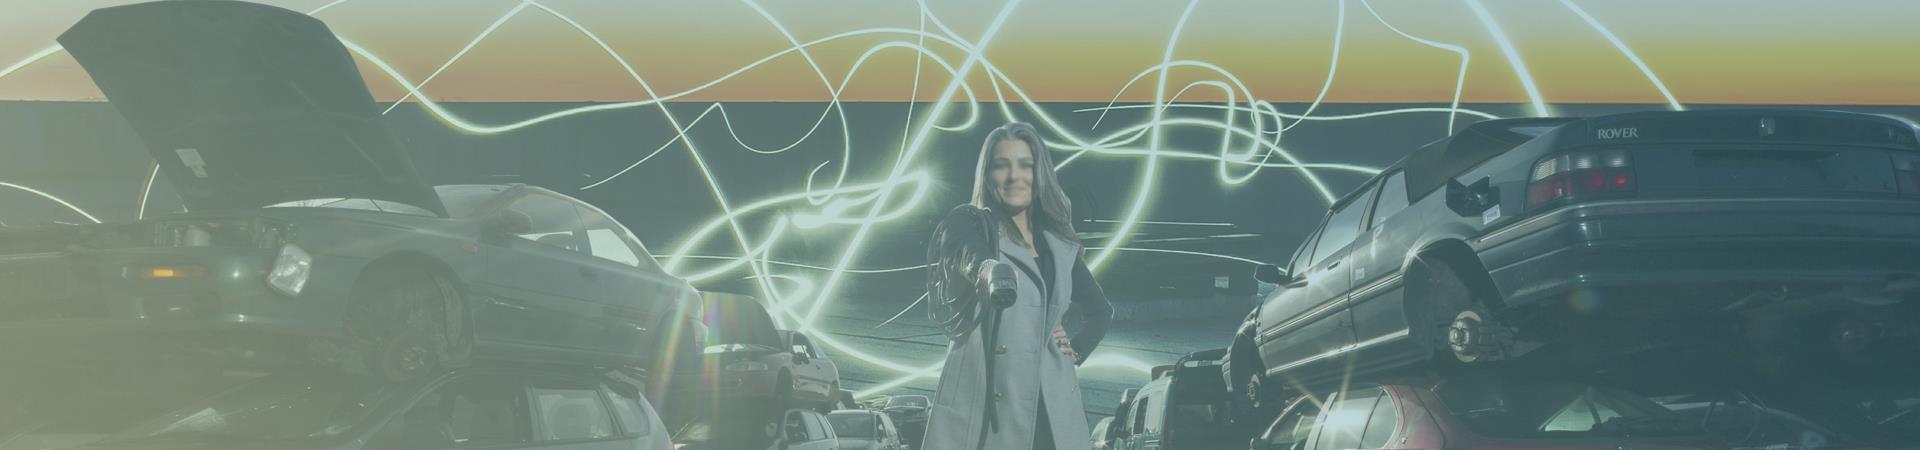 elektrisch rijden toekomst